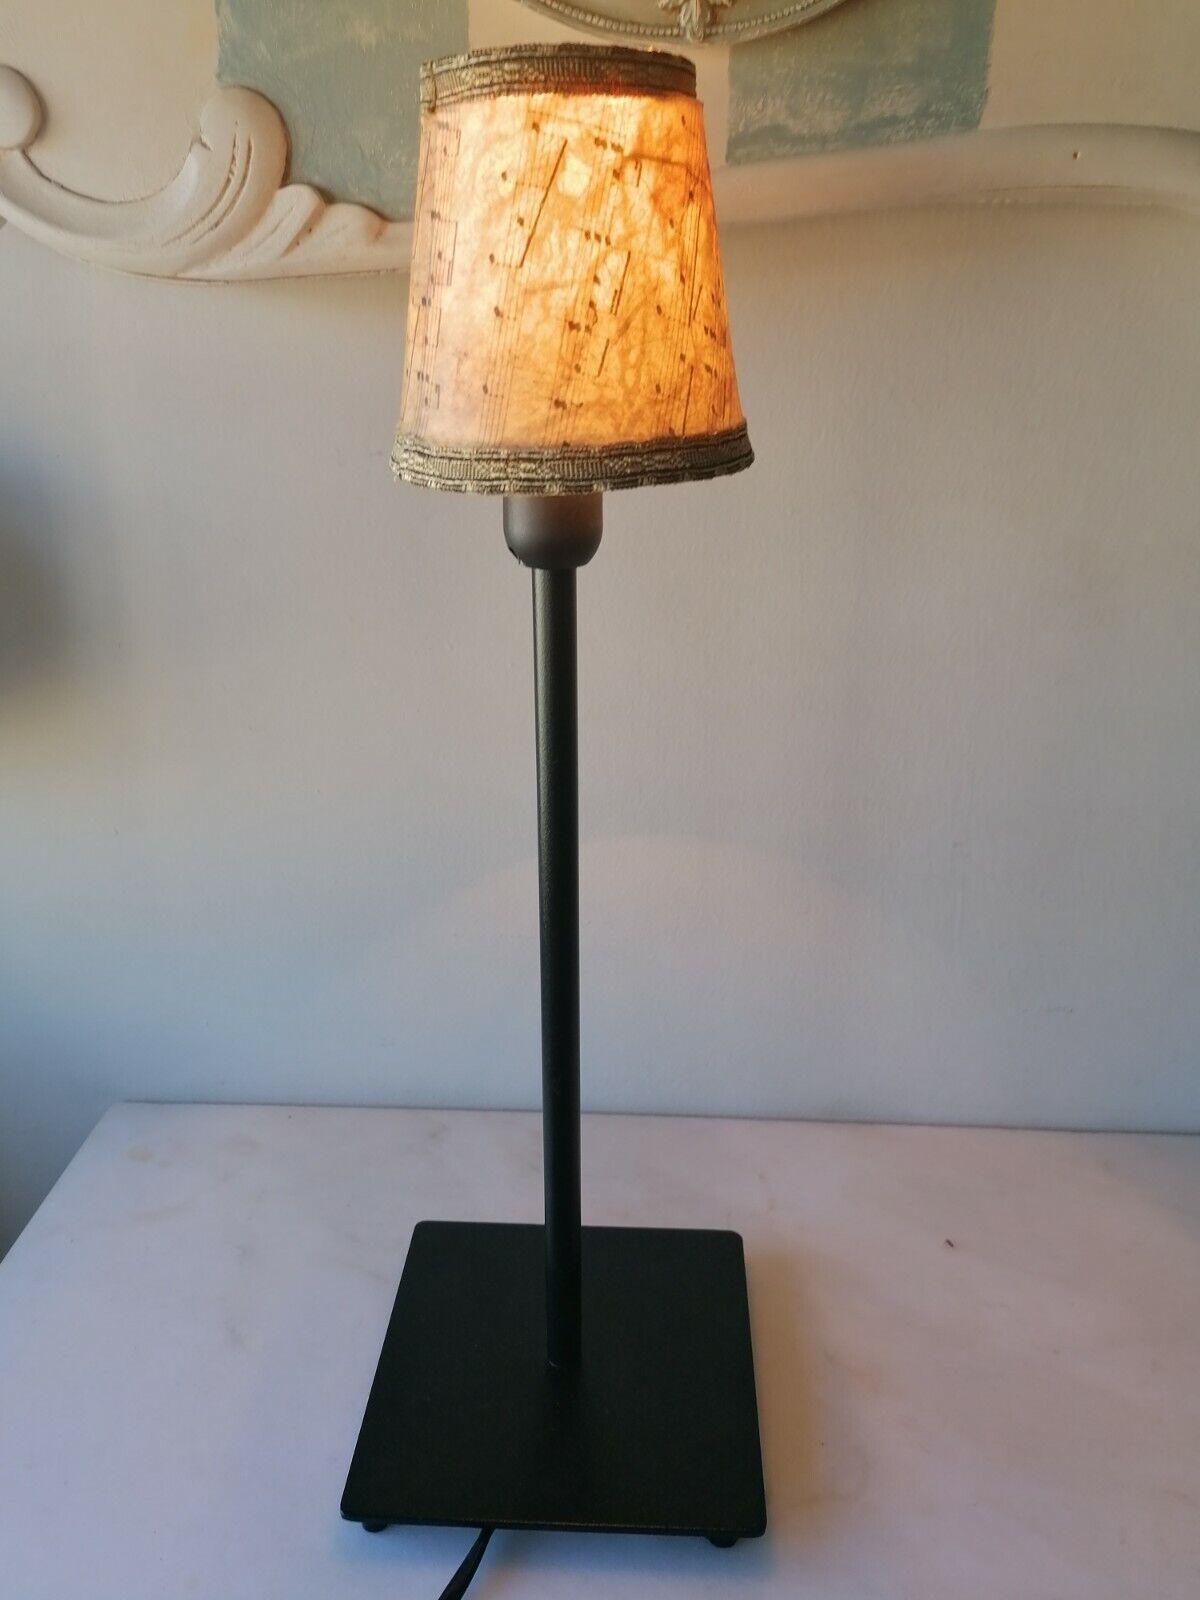 lámpara de sobremesa, tipo vintage, negra y tulipa pergamino.